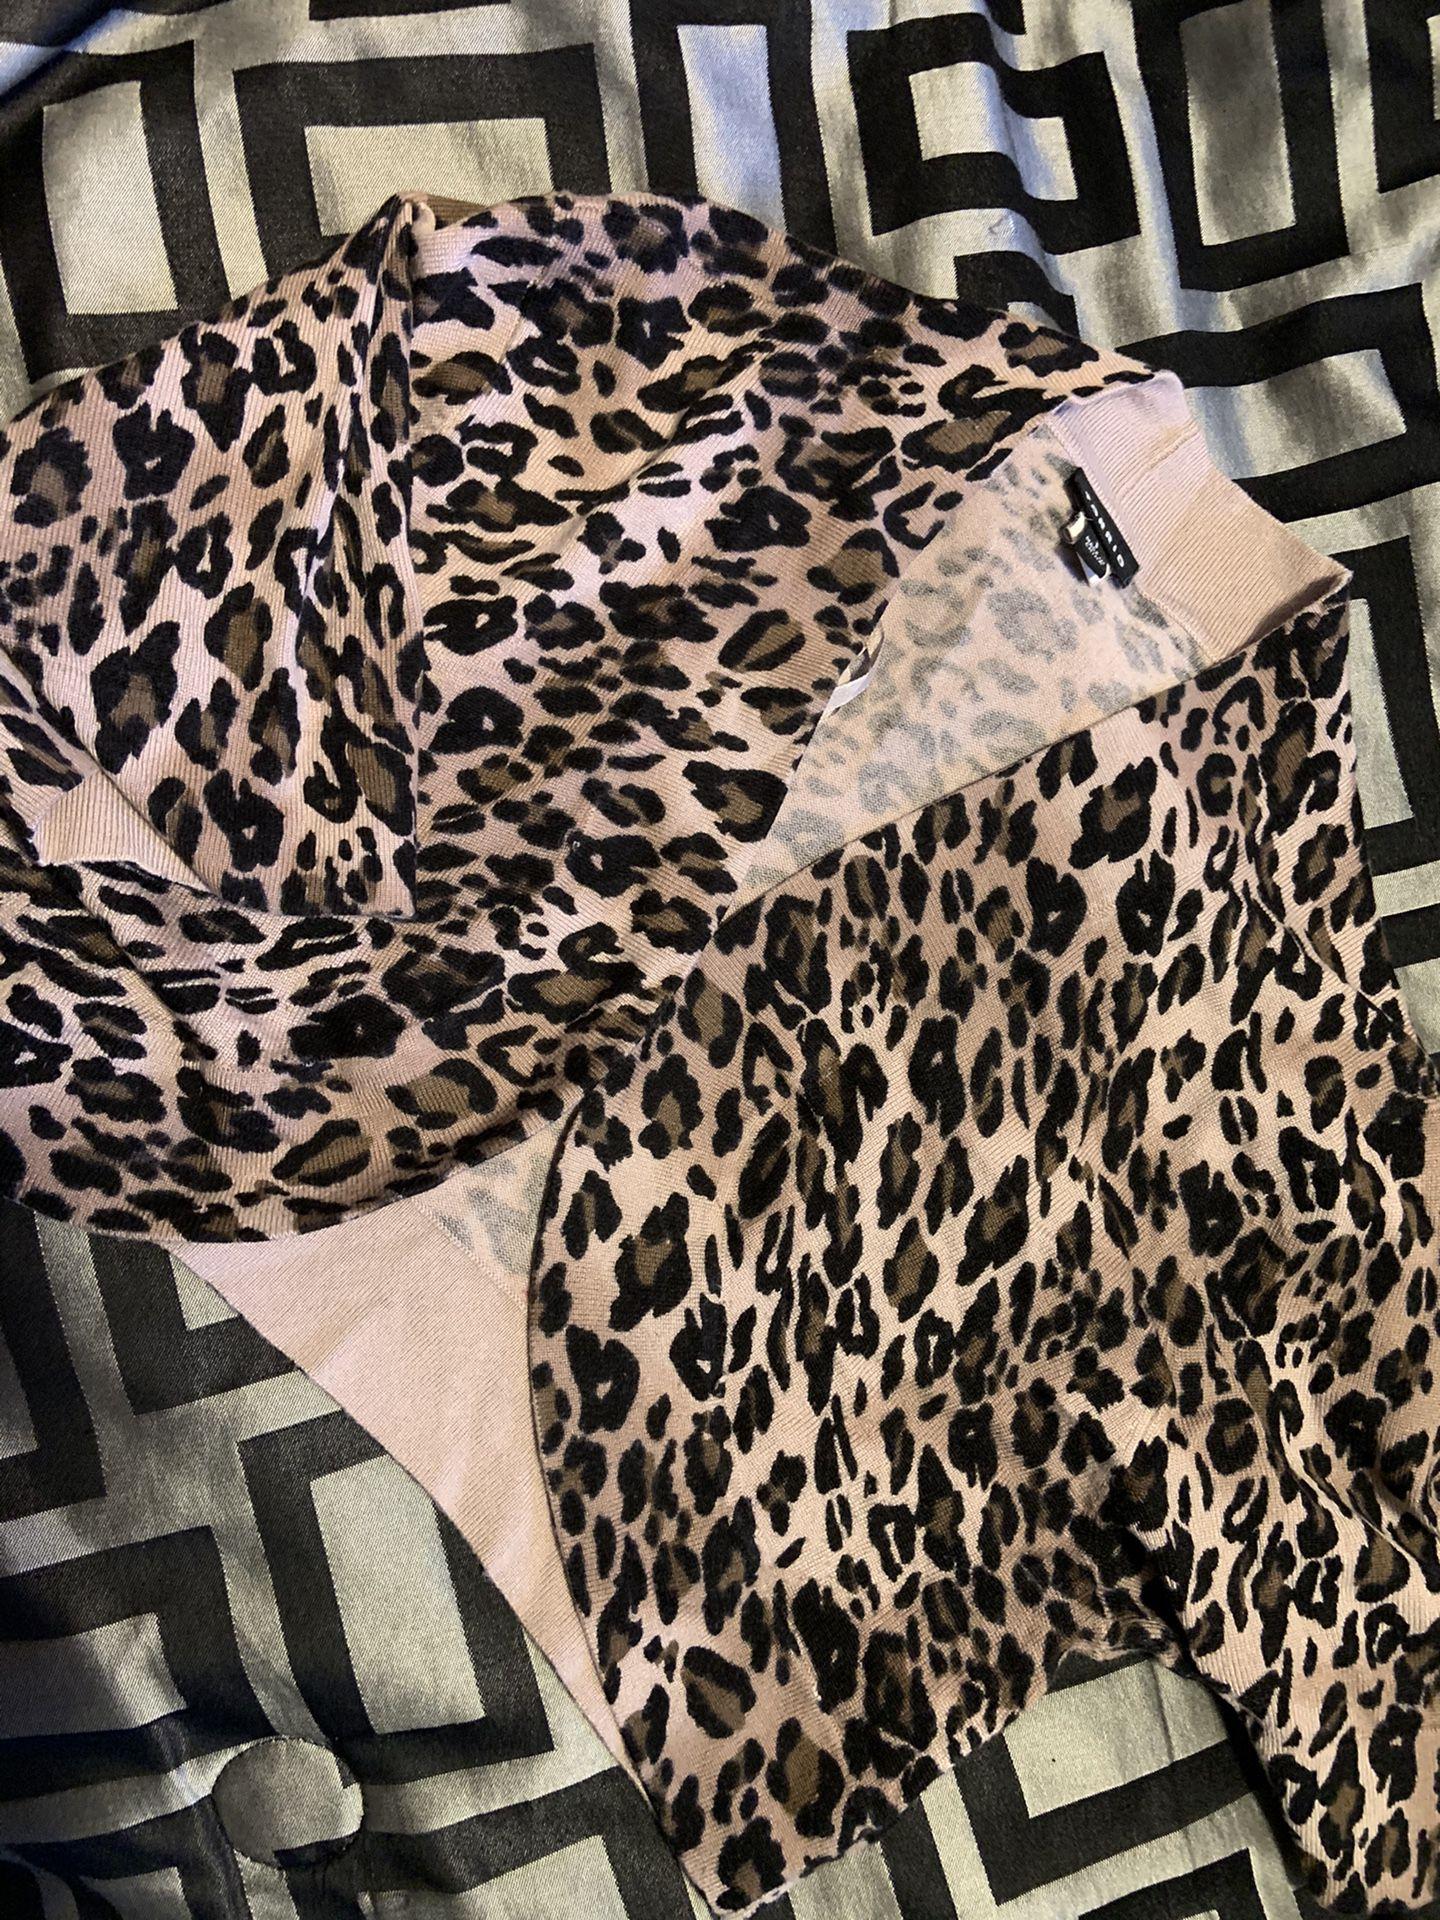 XL cheetah tops